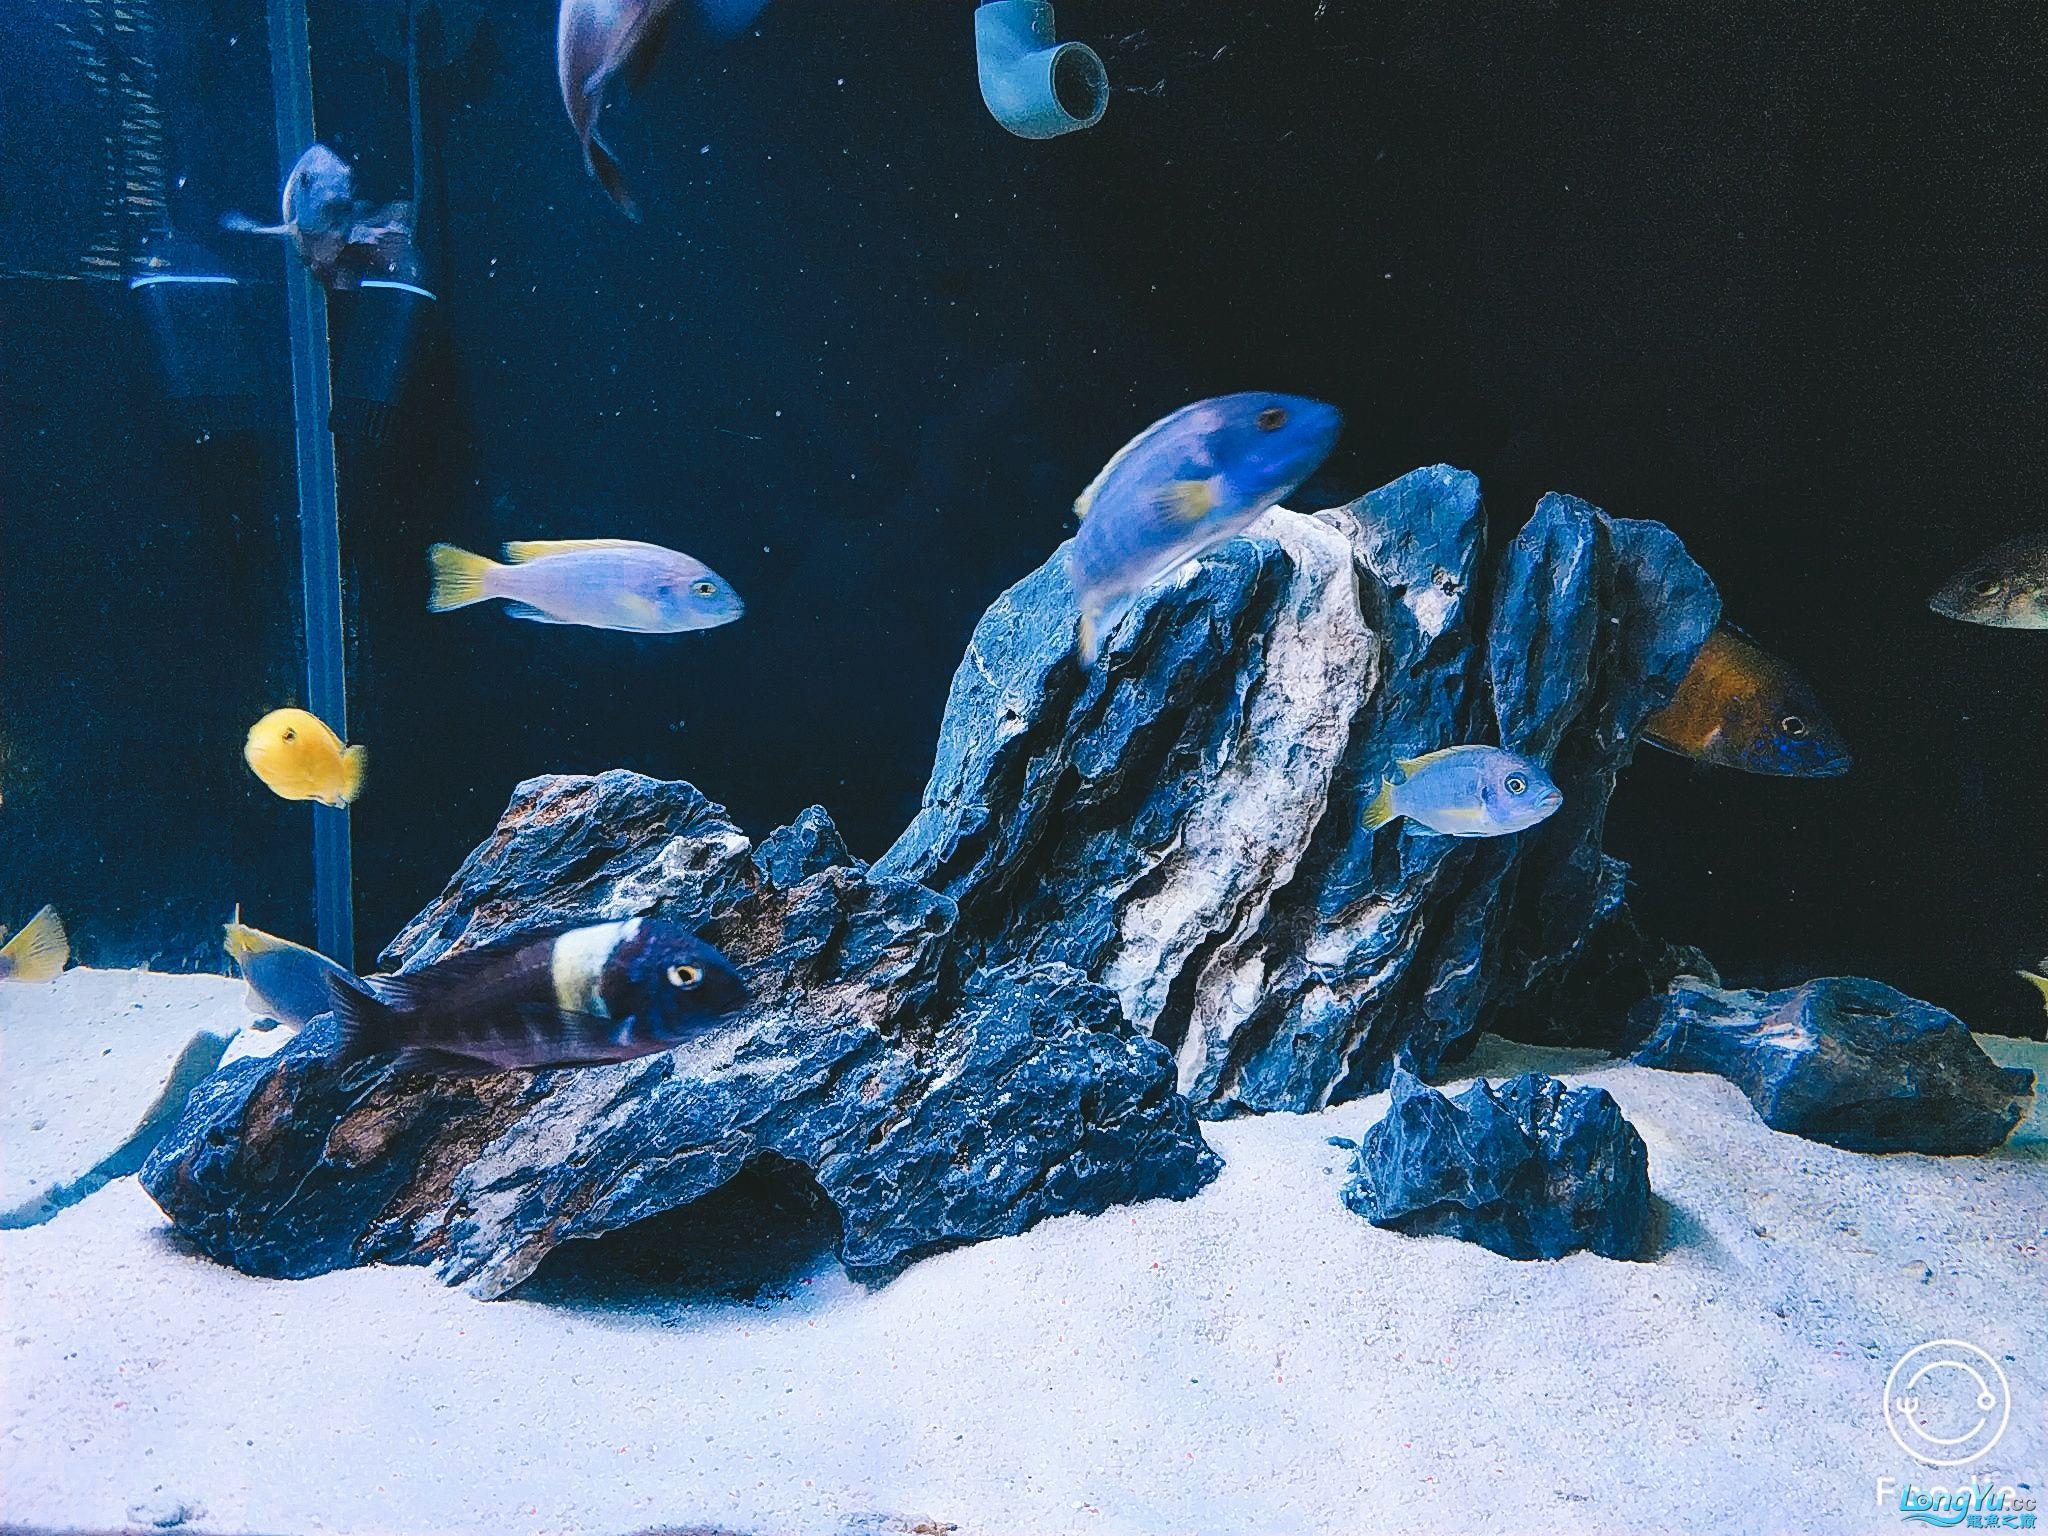 【西安海水鱼批发】到底是看石头还是看鱼呢 西安龙鱼论坛 西安博特第1张